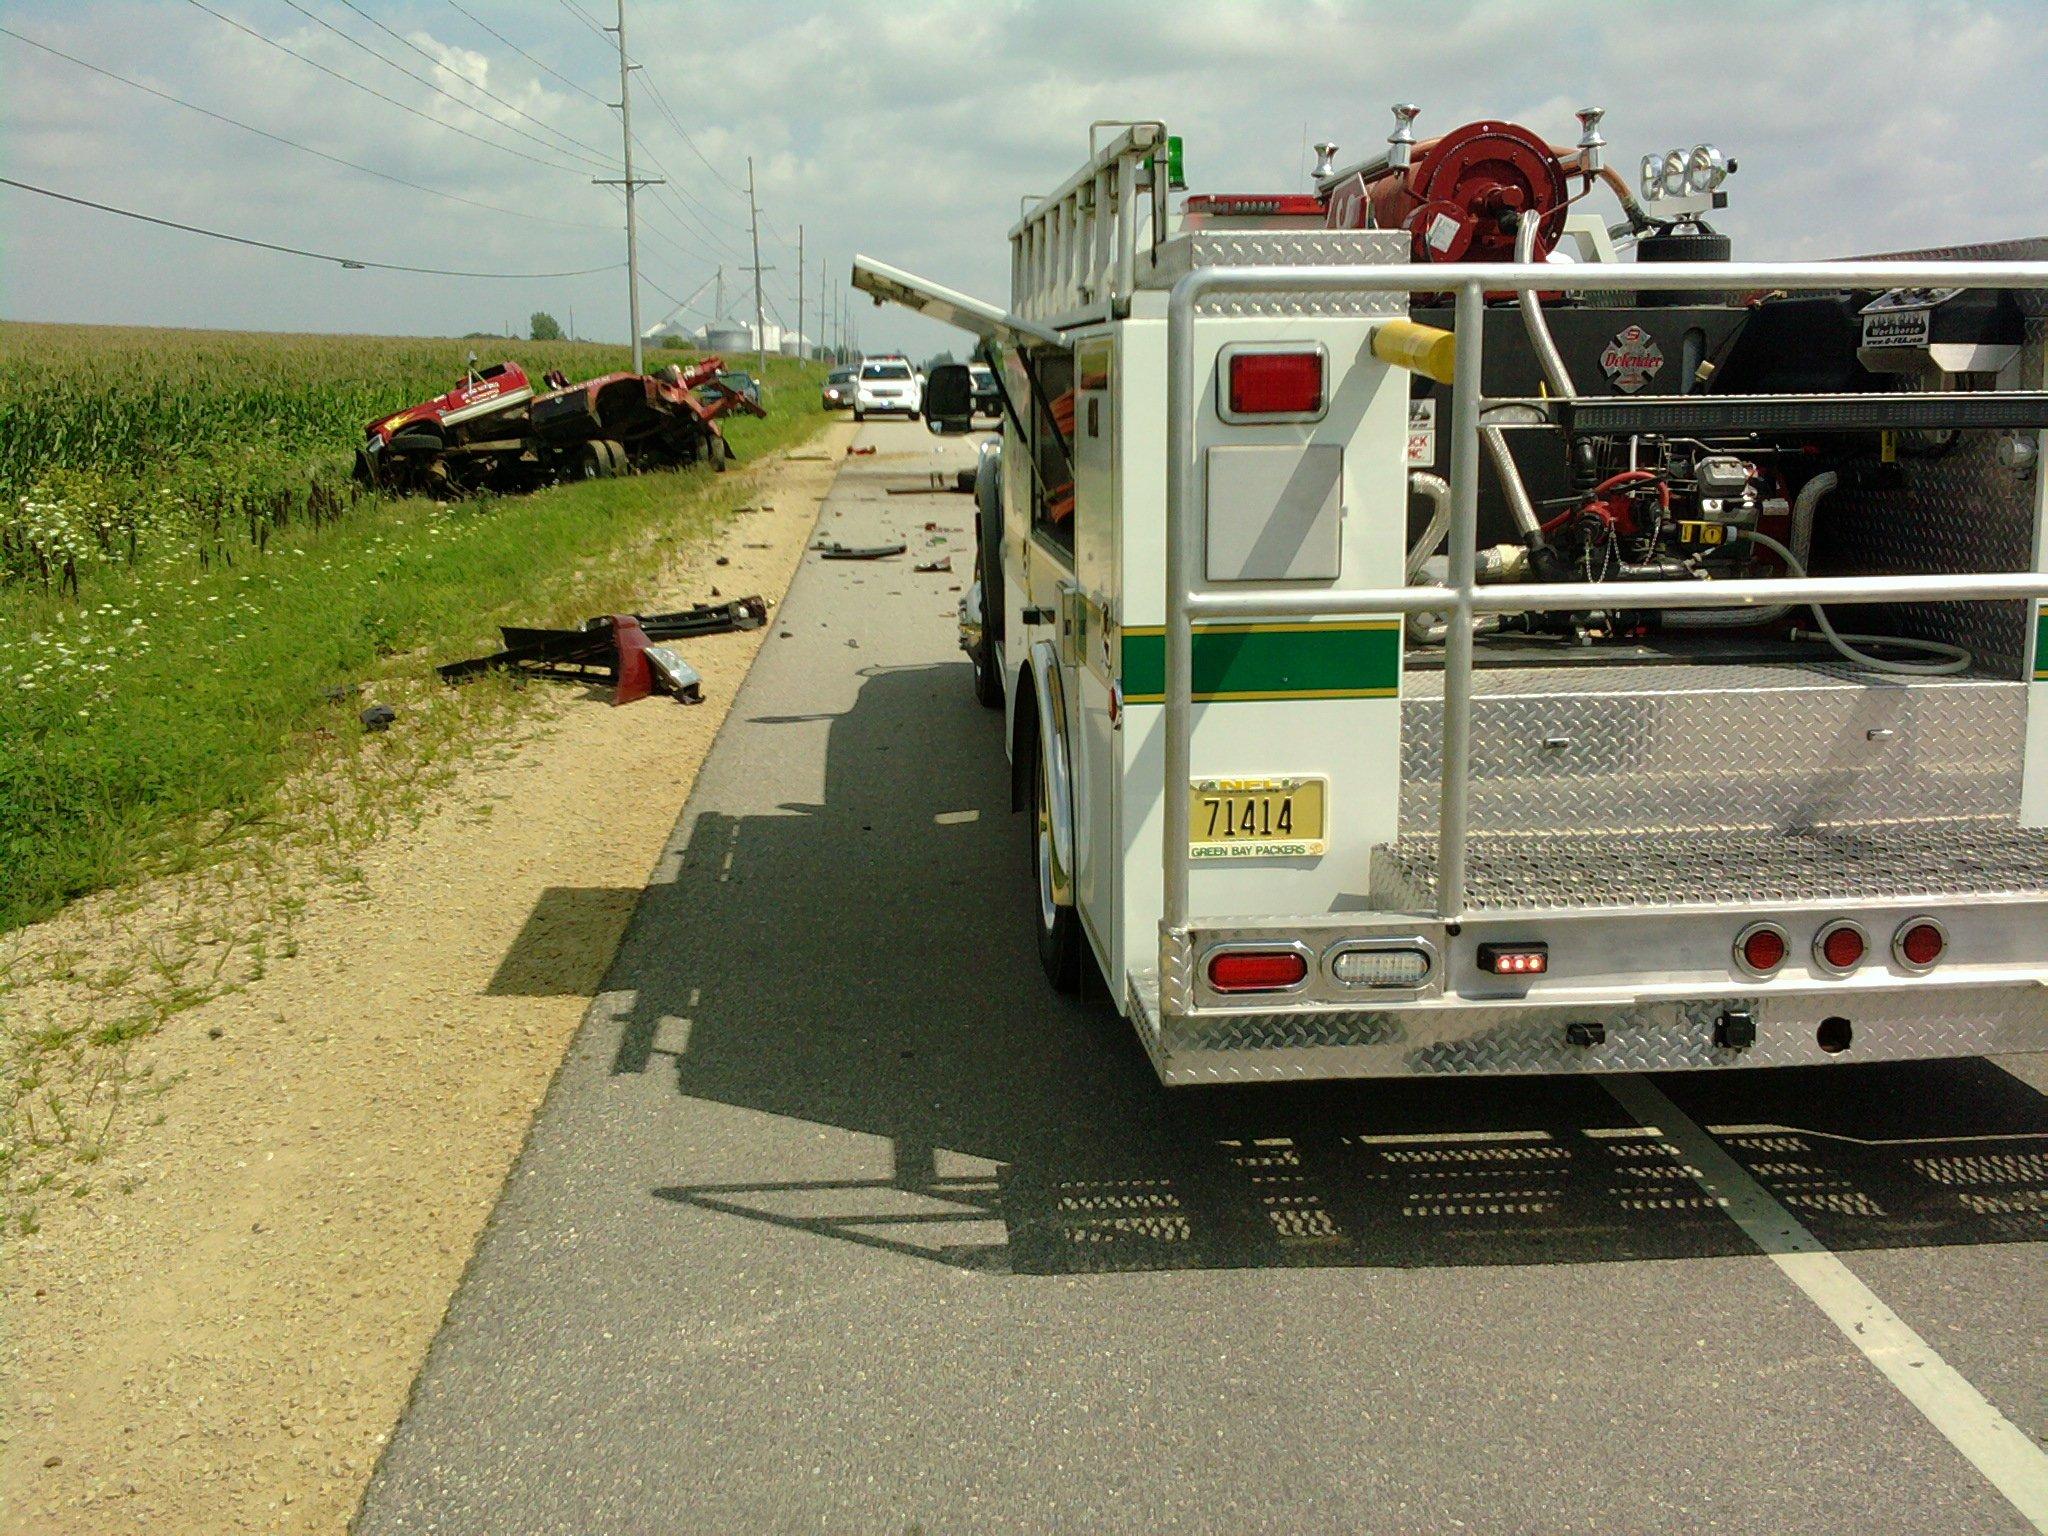 Toys For Trucks Menasha : One person killed in iowa county crash wkow madison